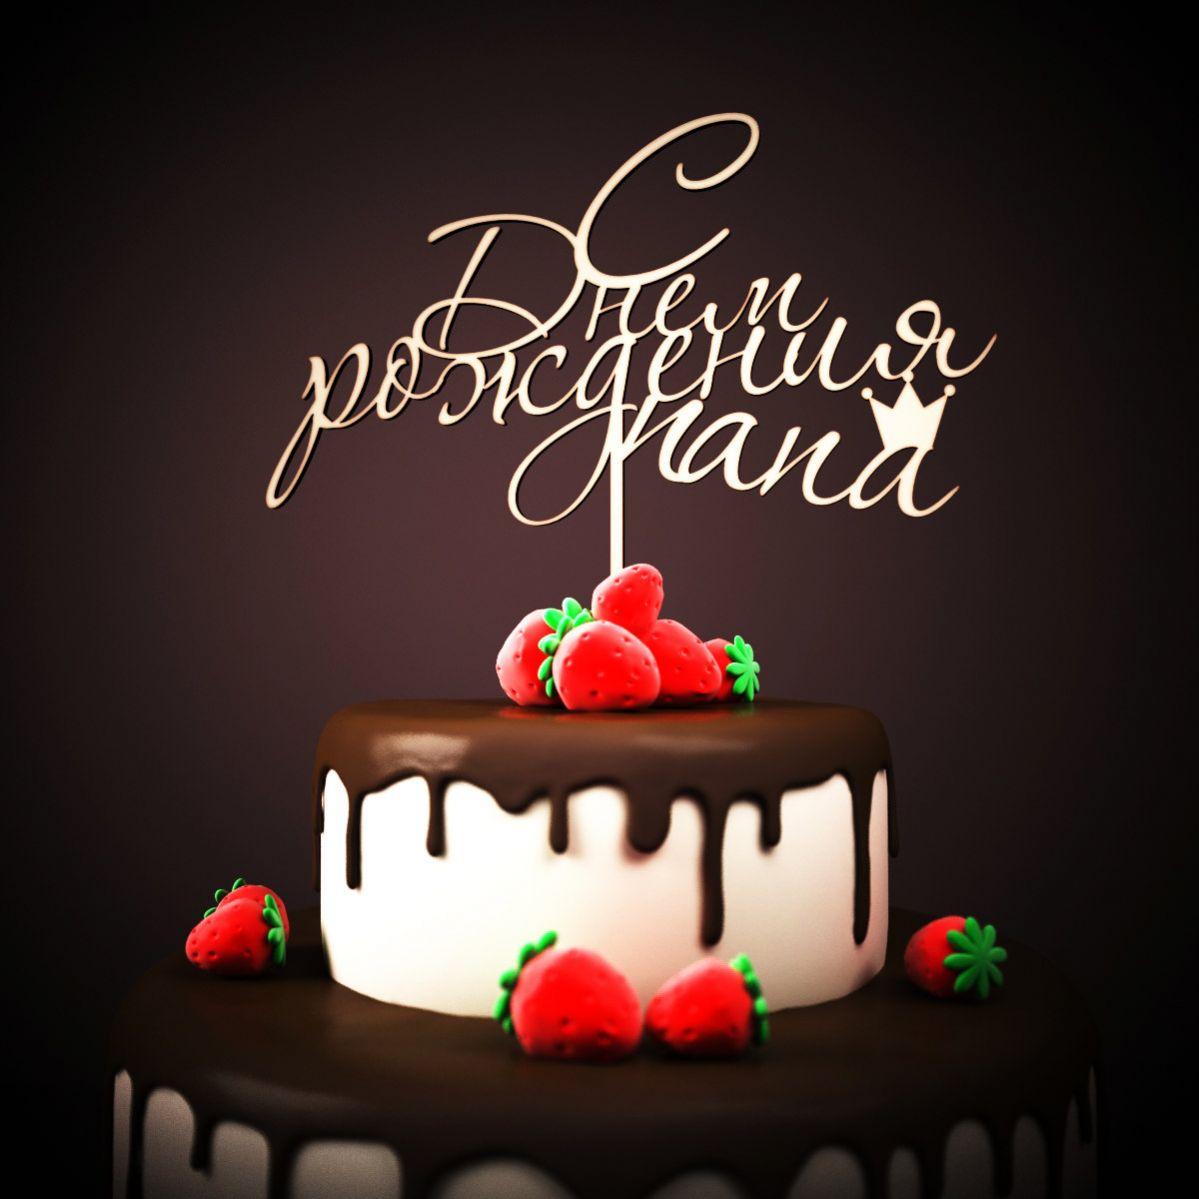 Поздравительные открытки торт с днем рождения, открытки для